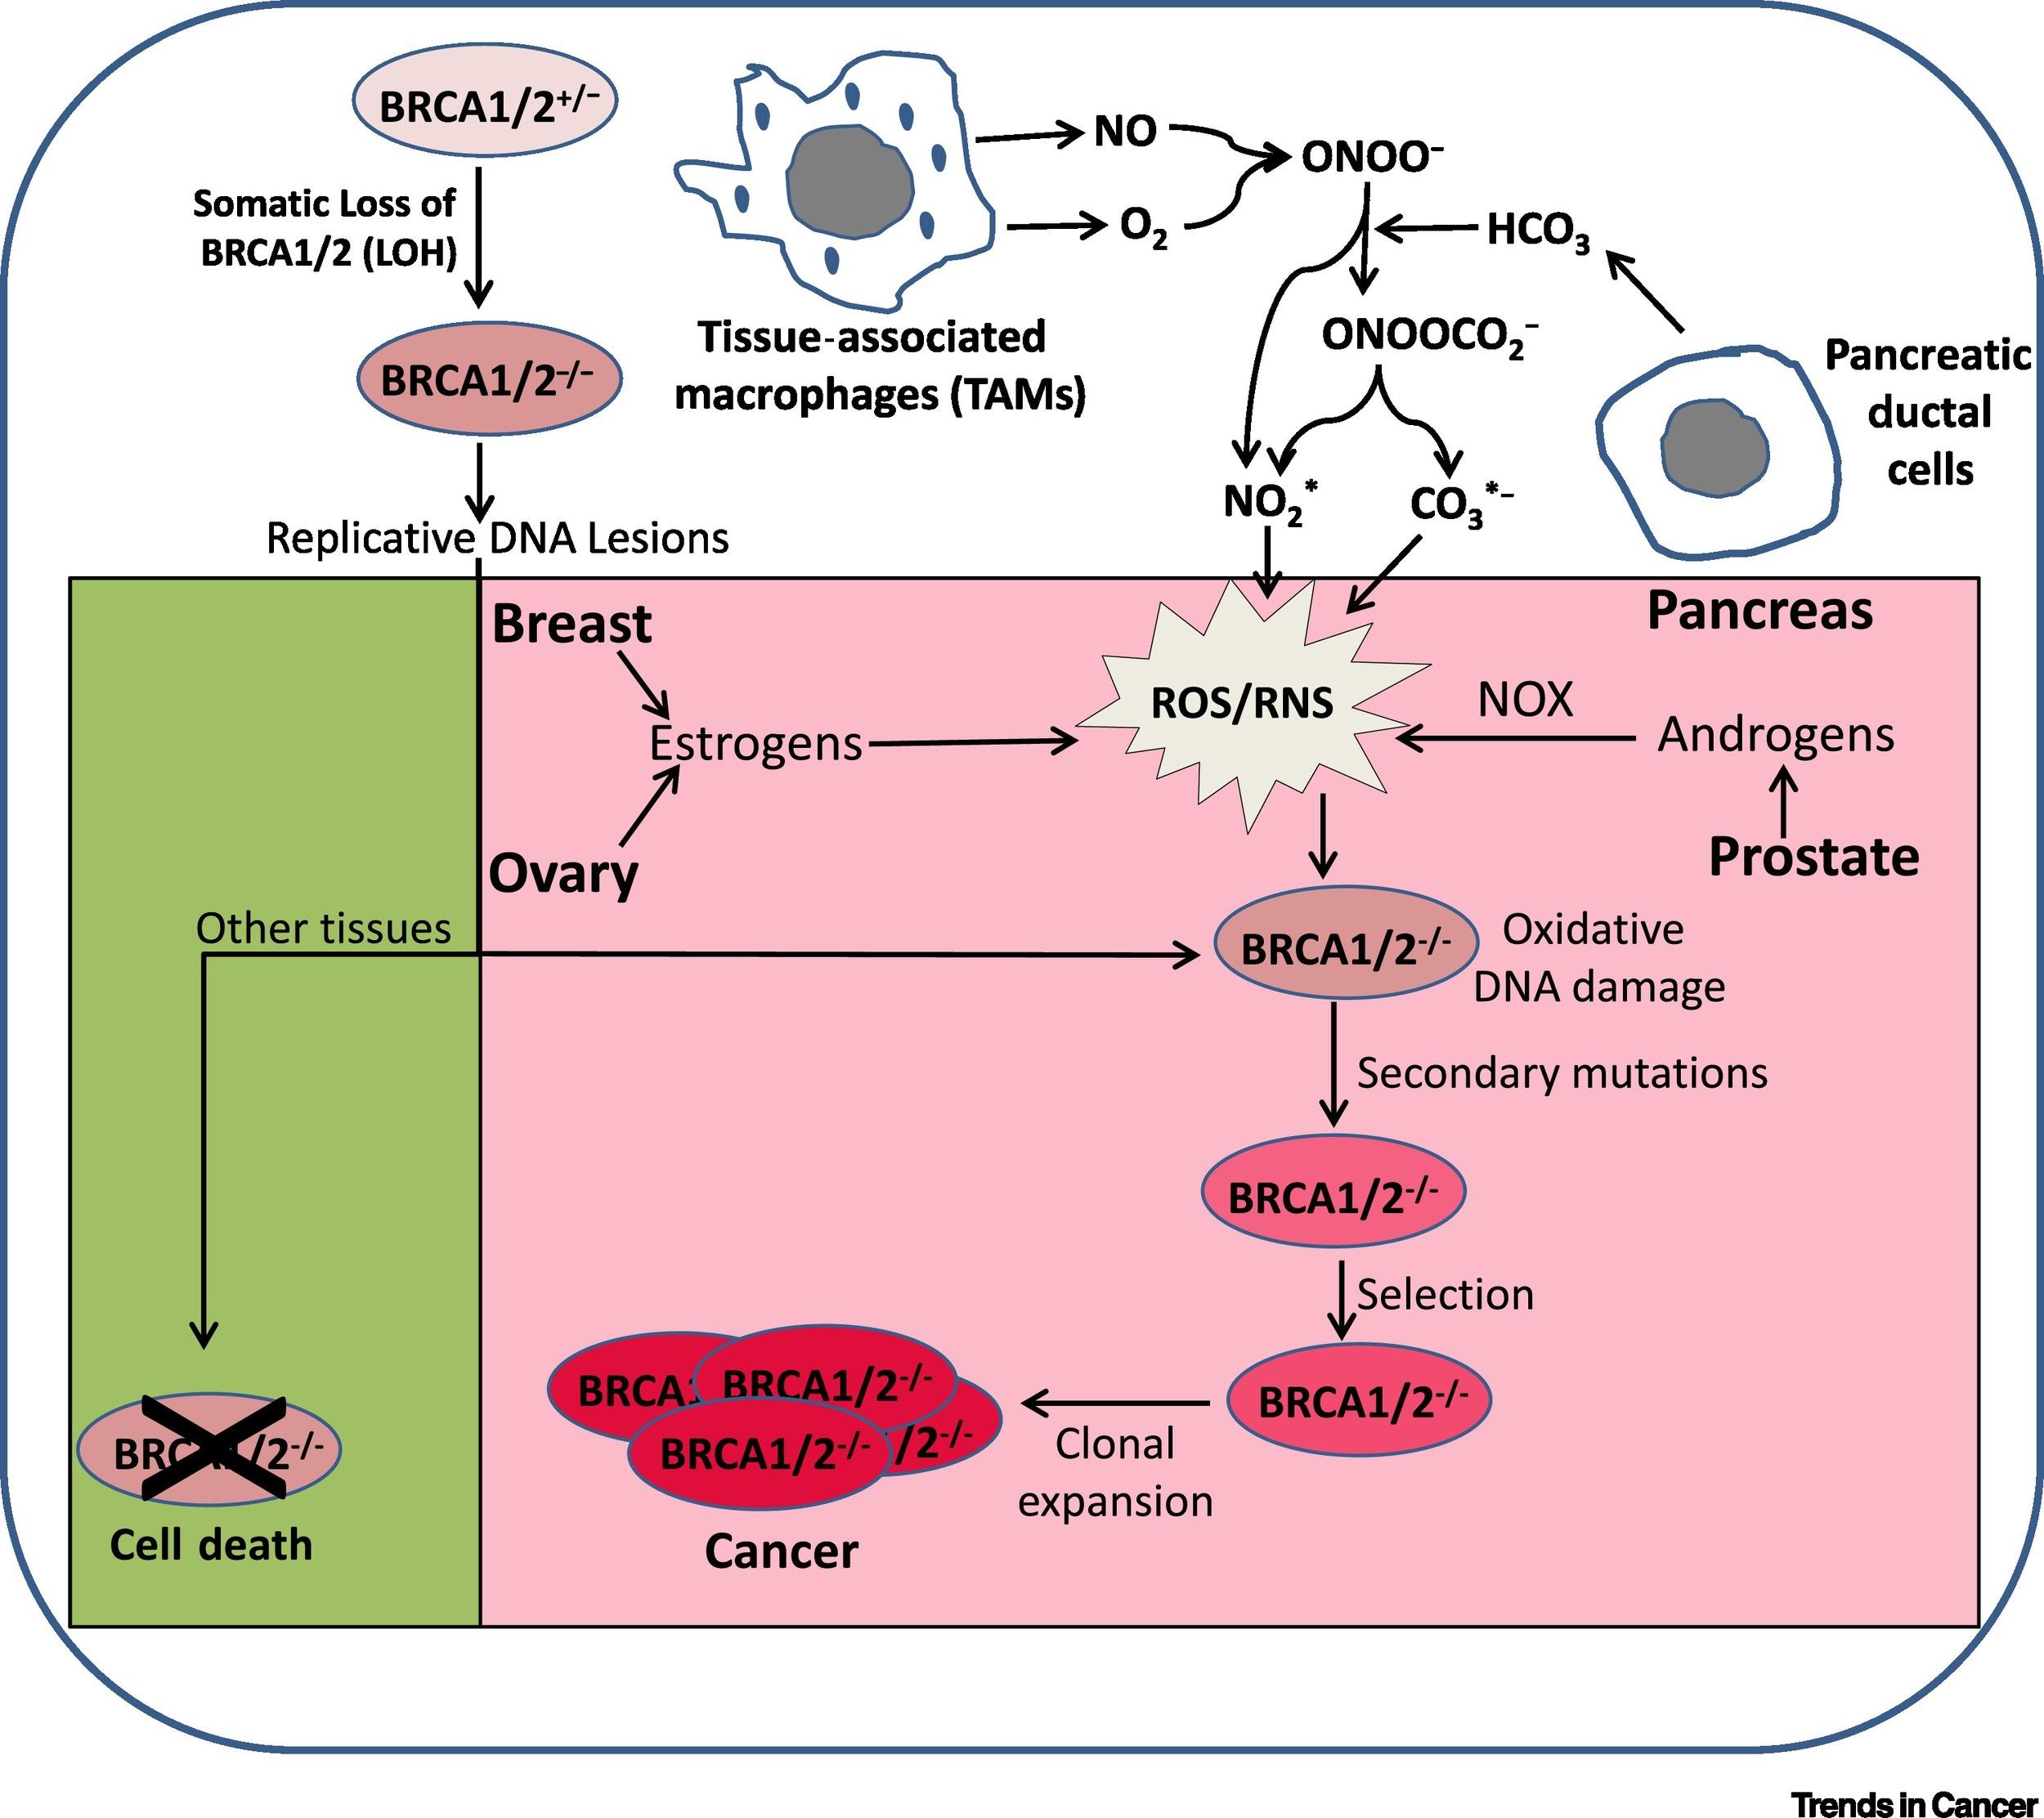 Гены BRCA1 и BRCA2 при раке